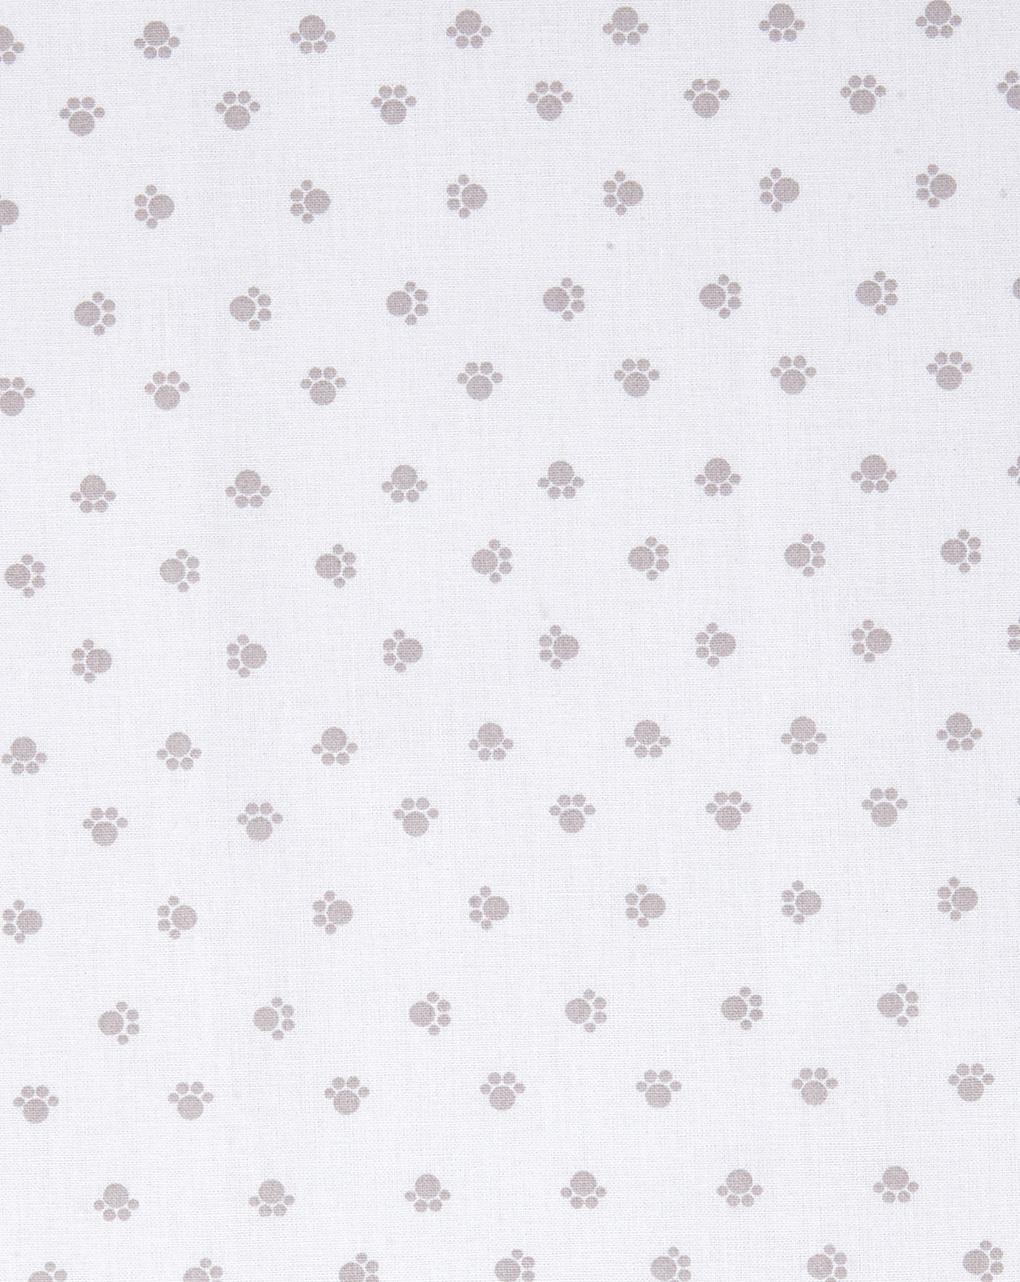 Culla/carrozzina - parure per culla 2 pezzi con stampa impronte zampine grigie - Prénatal